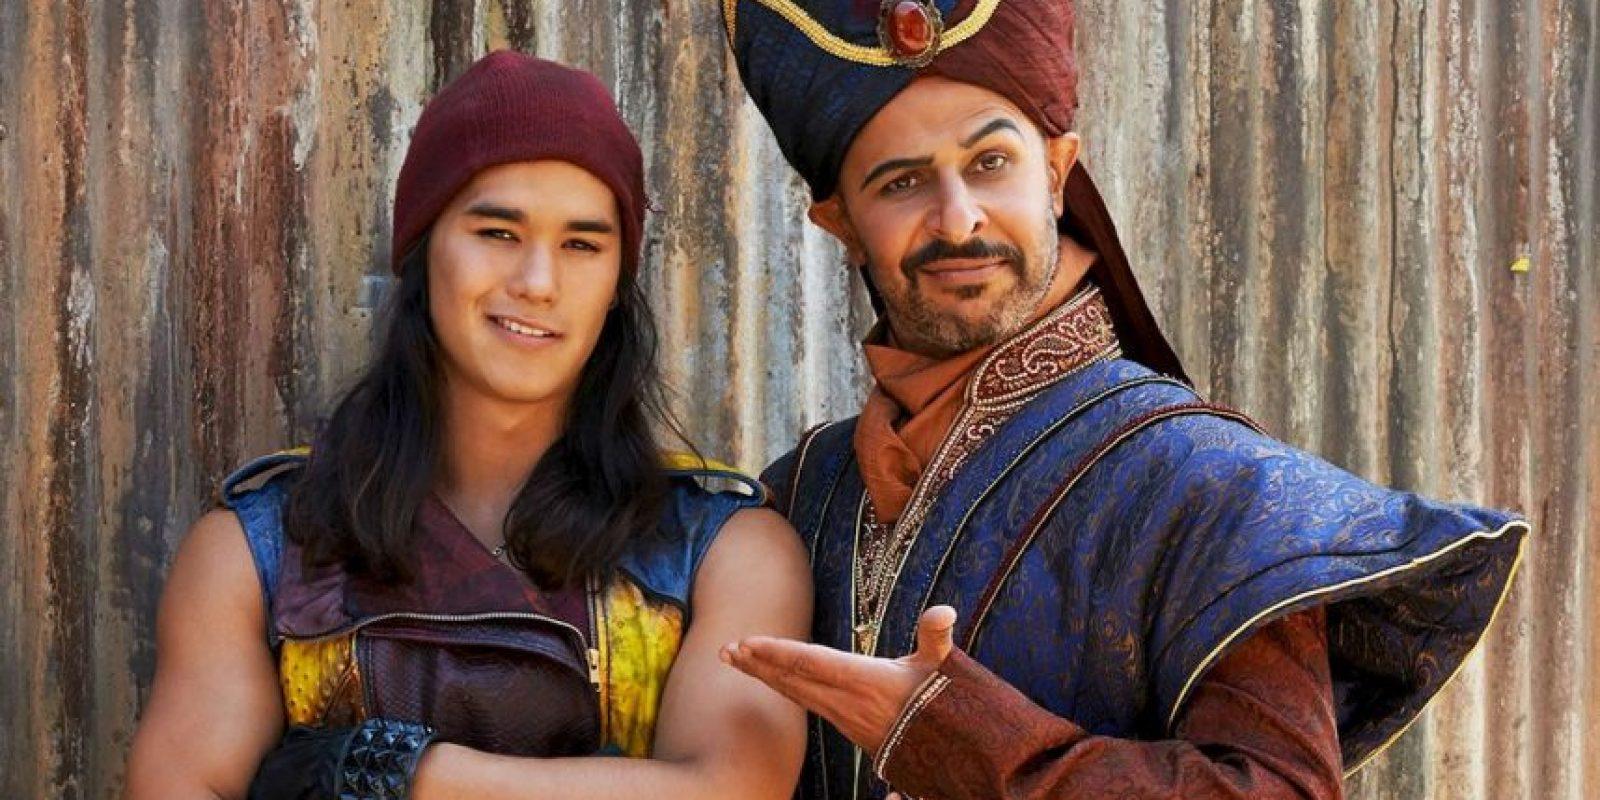 Es el leal hijo de Jafar, el antiguo visir de Agrabah. Jay tiene un don para robar, además de ser un gran atleta Foto:Vía losdescendientes.disney.es/